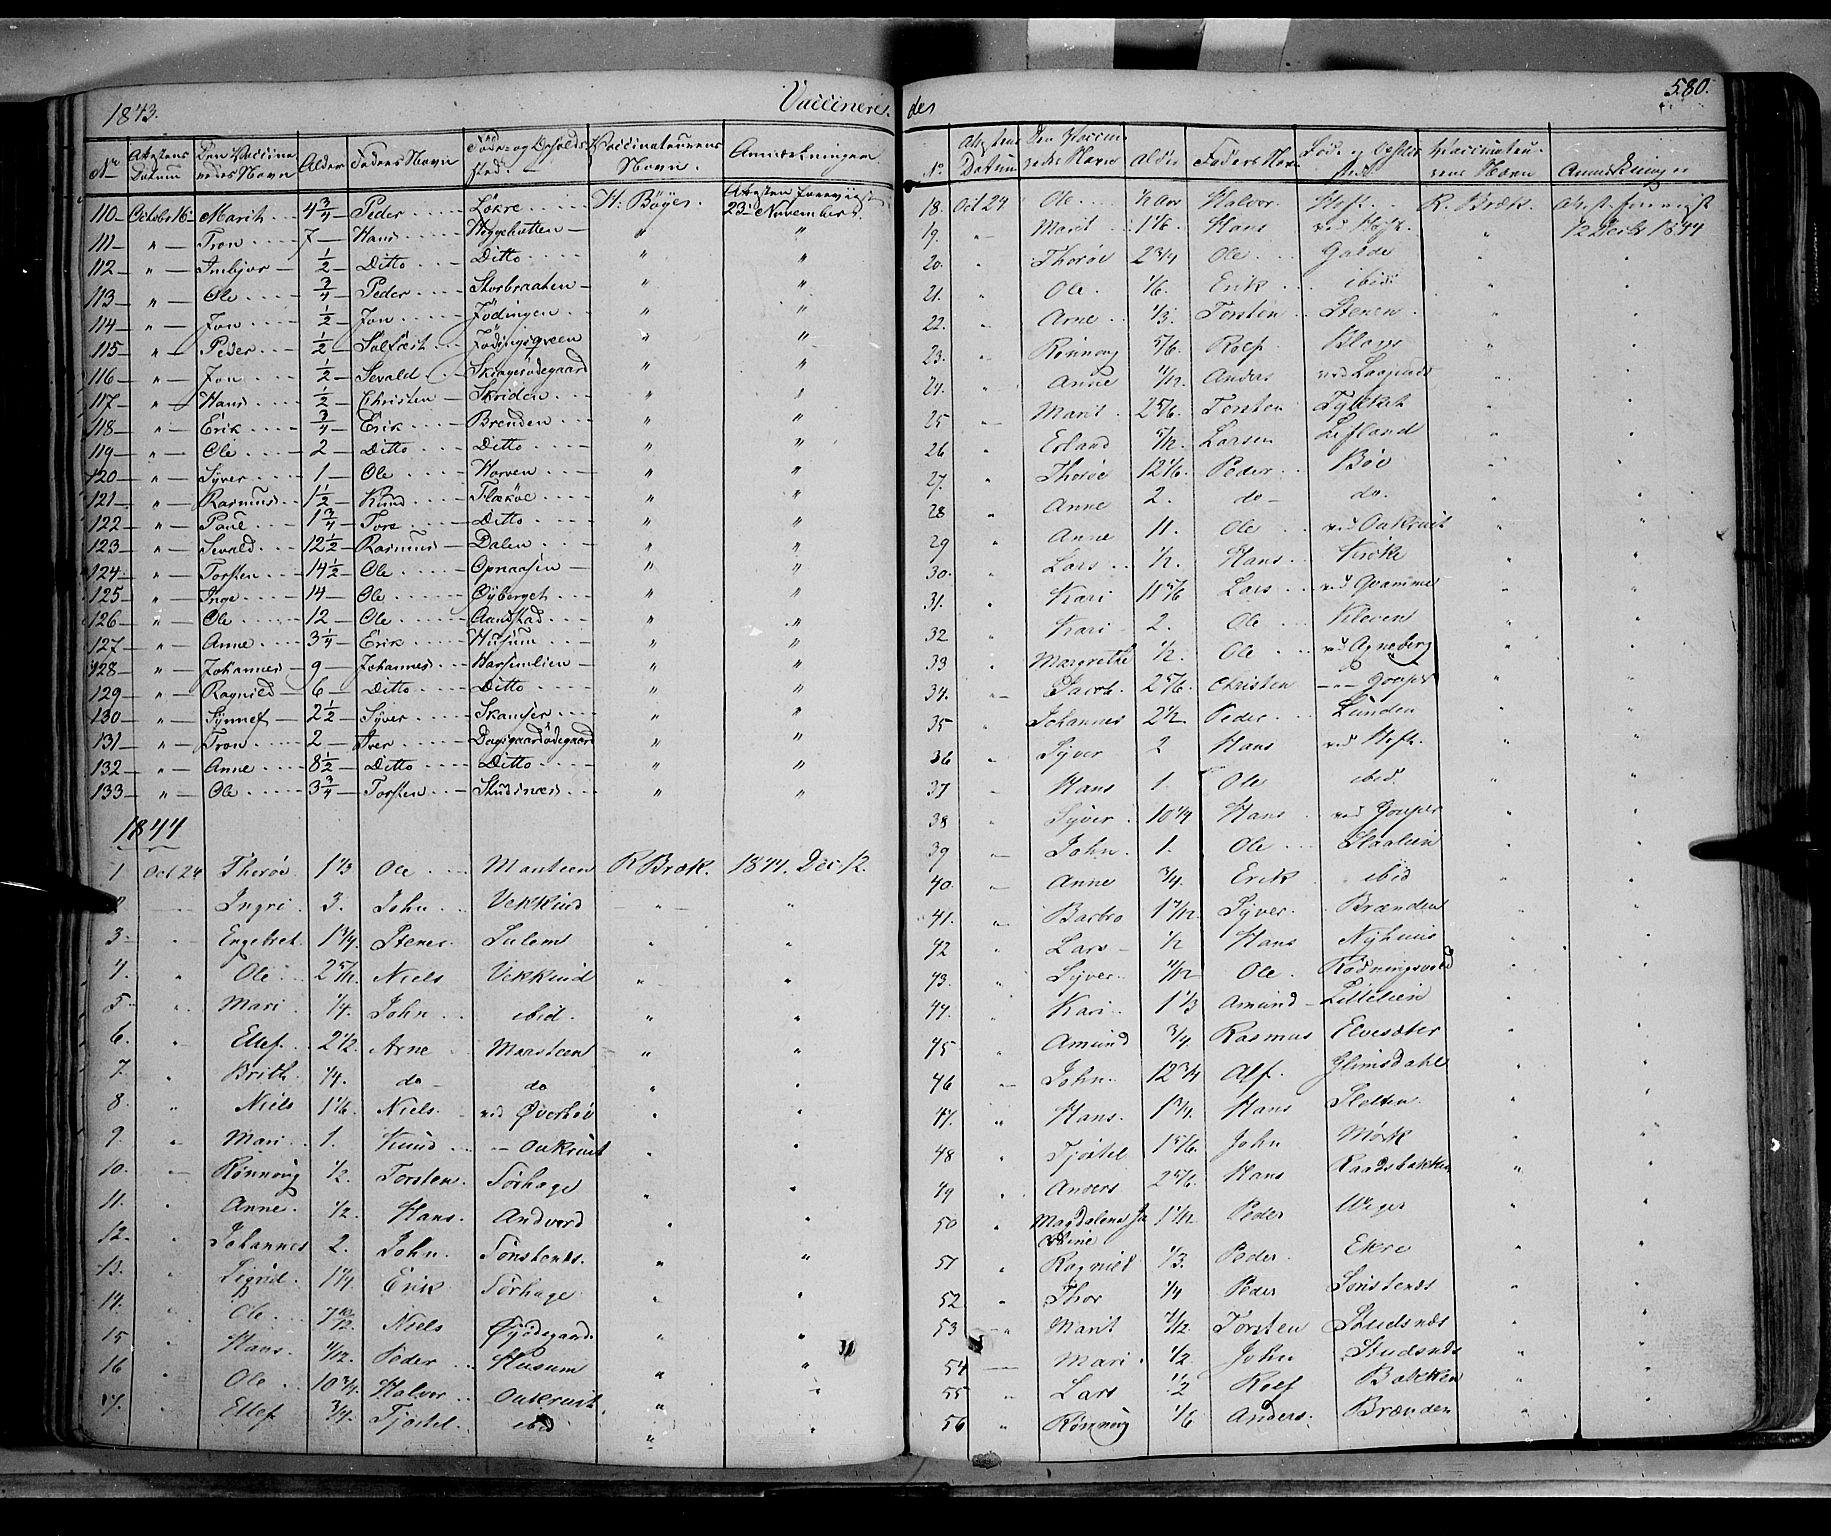 SAH, Lom prestekontor, K/L0006: Ministerialbok nr. 6B, 1837-1863, s. 580